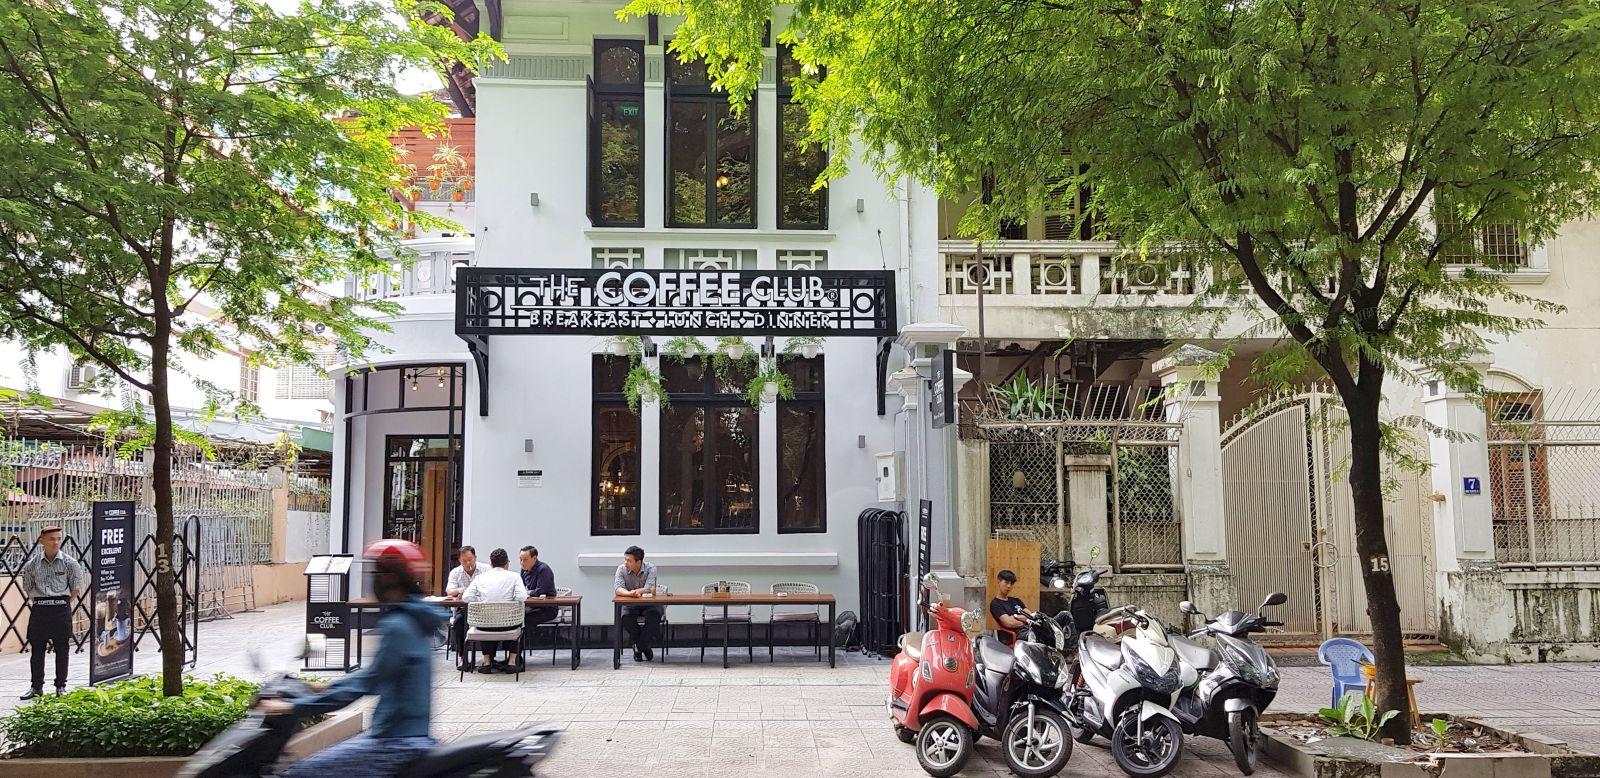 the-coffee-club-tai-han-thuyen-quan-1-tphcm-noi-bat-phong-cach-au